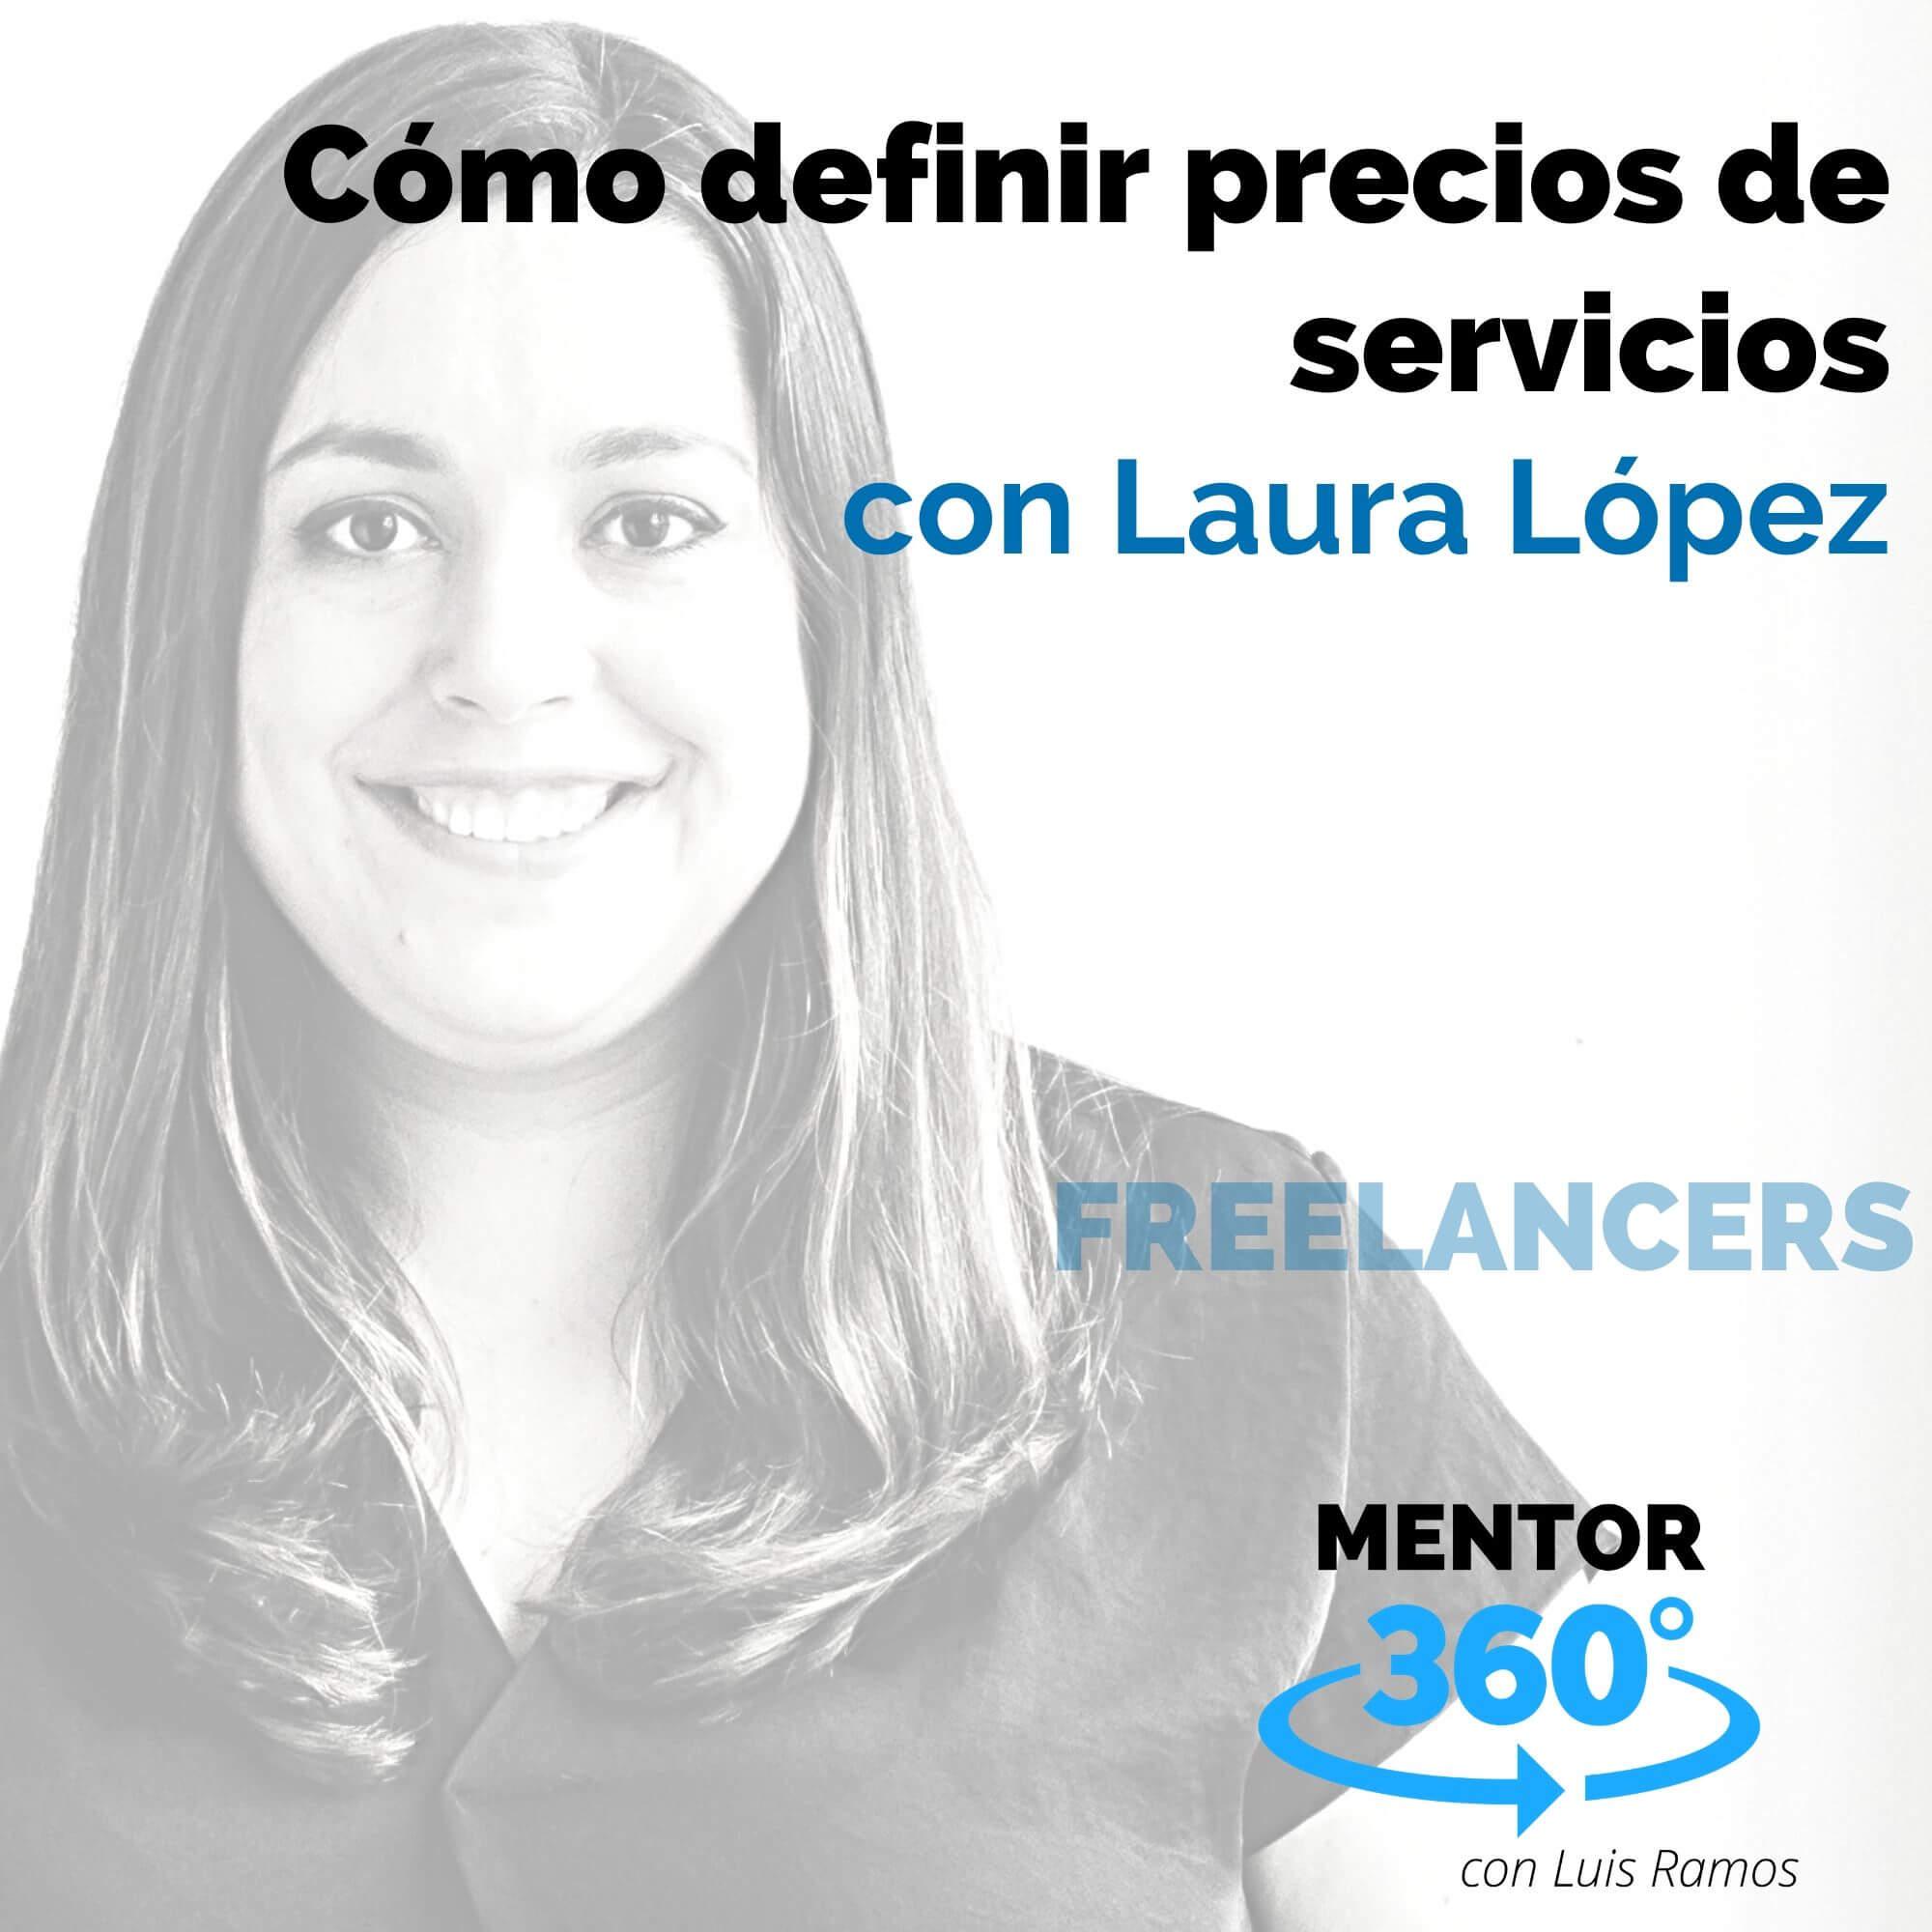 Cómo definir precios de servicios, con Laura López - FREELANCERS